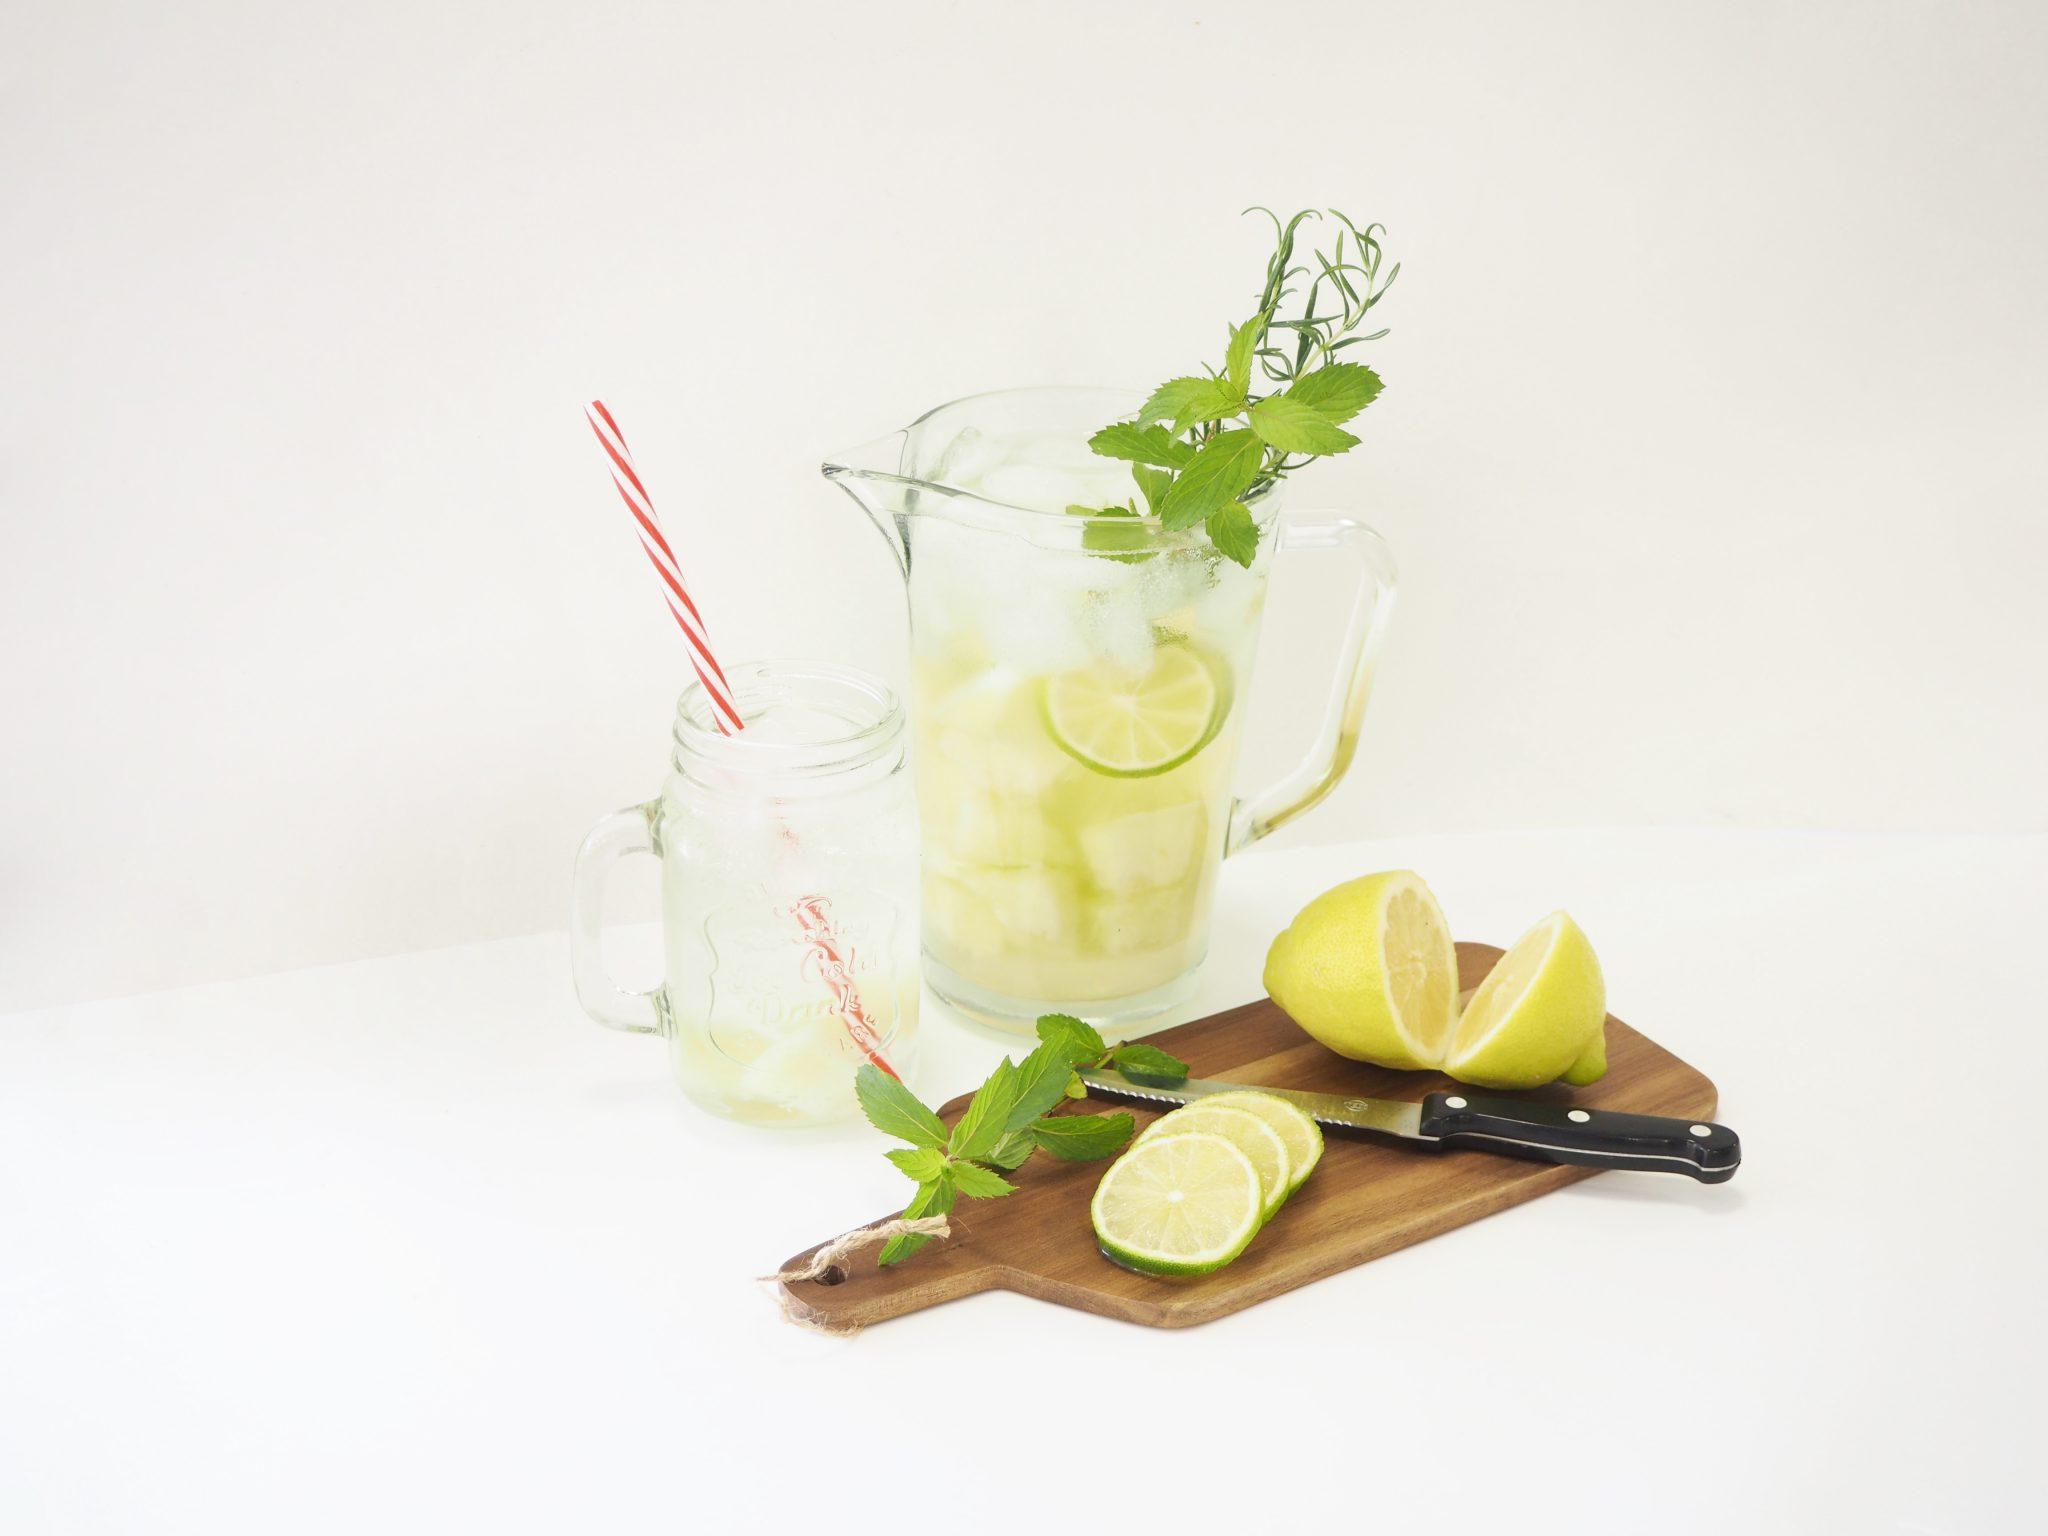 P6280232neu - Erfrischendes Sommerrezept: Melonenbowle mit Zitrone